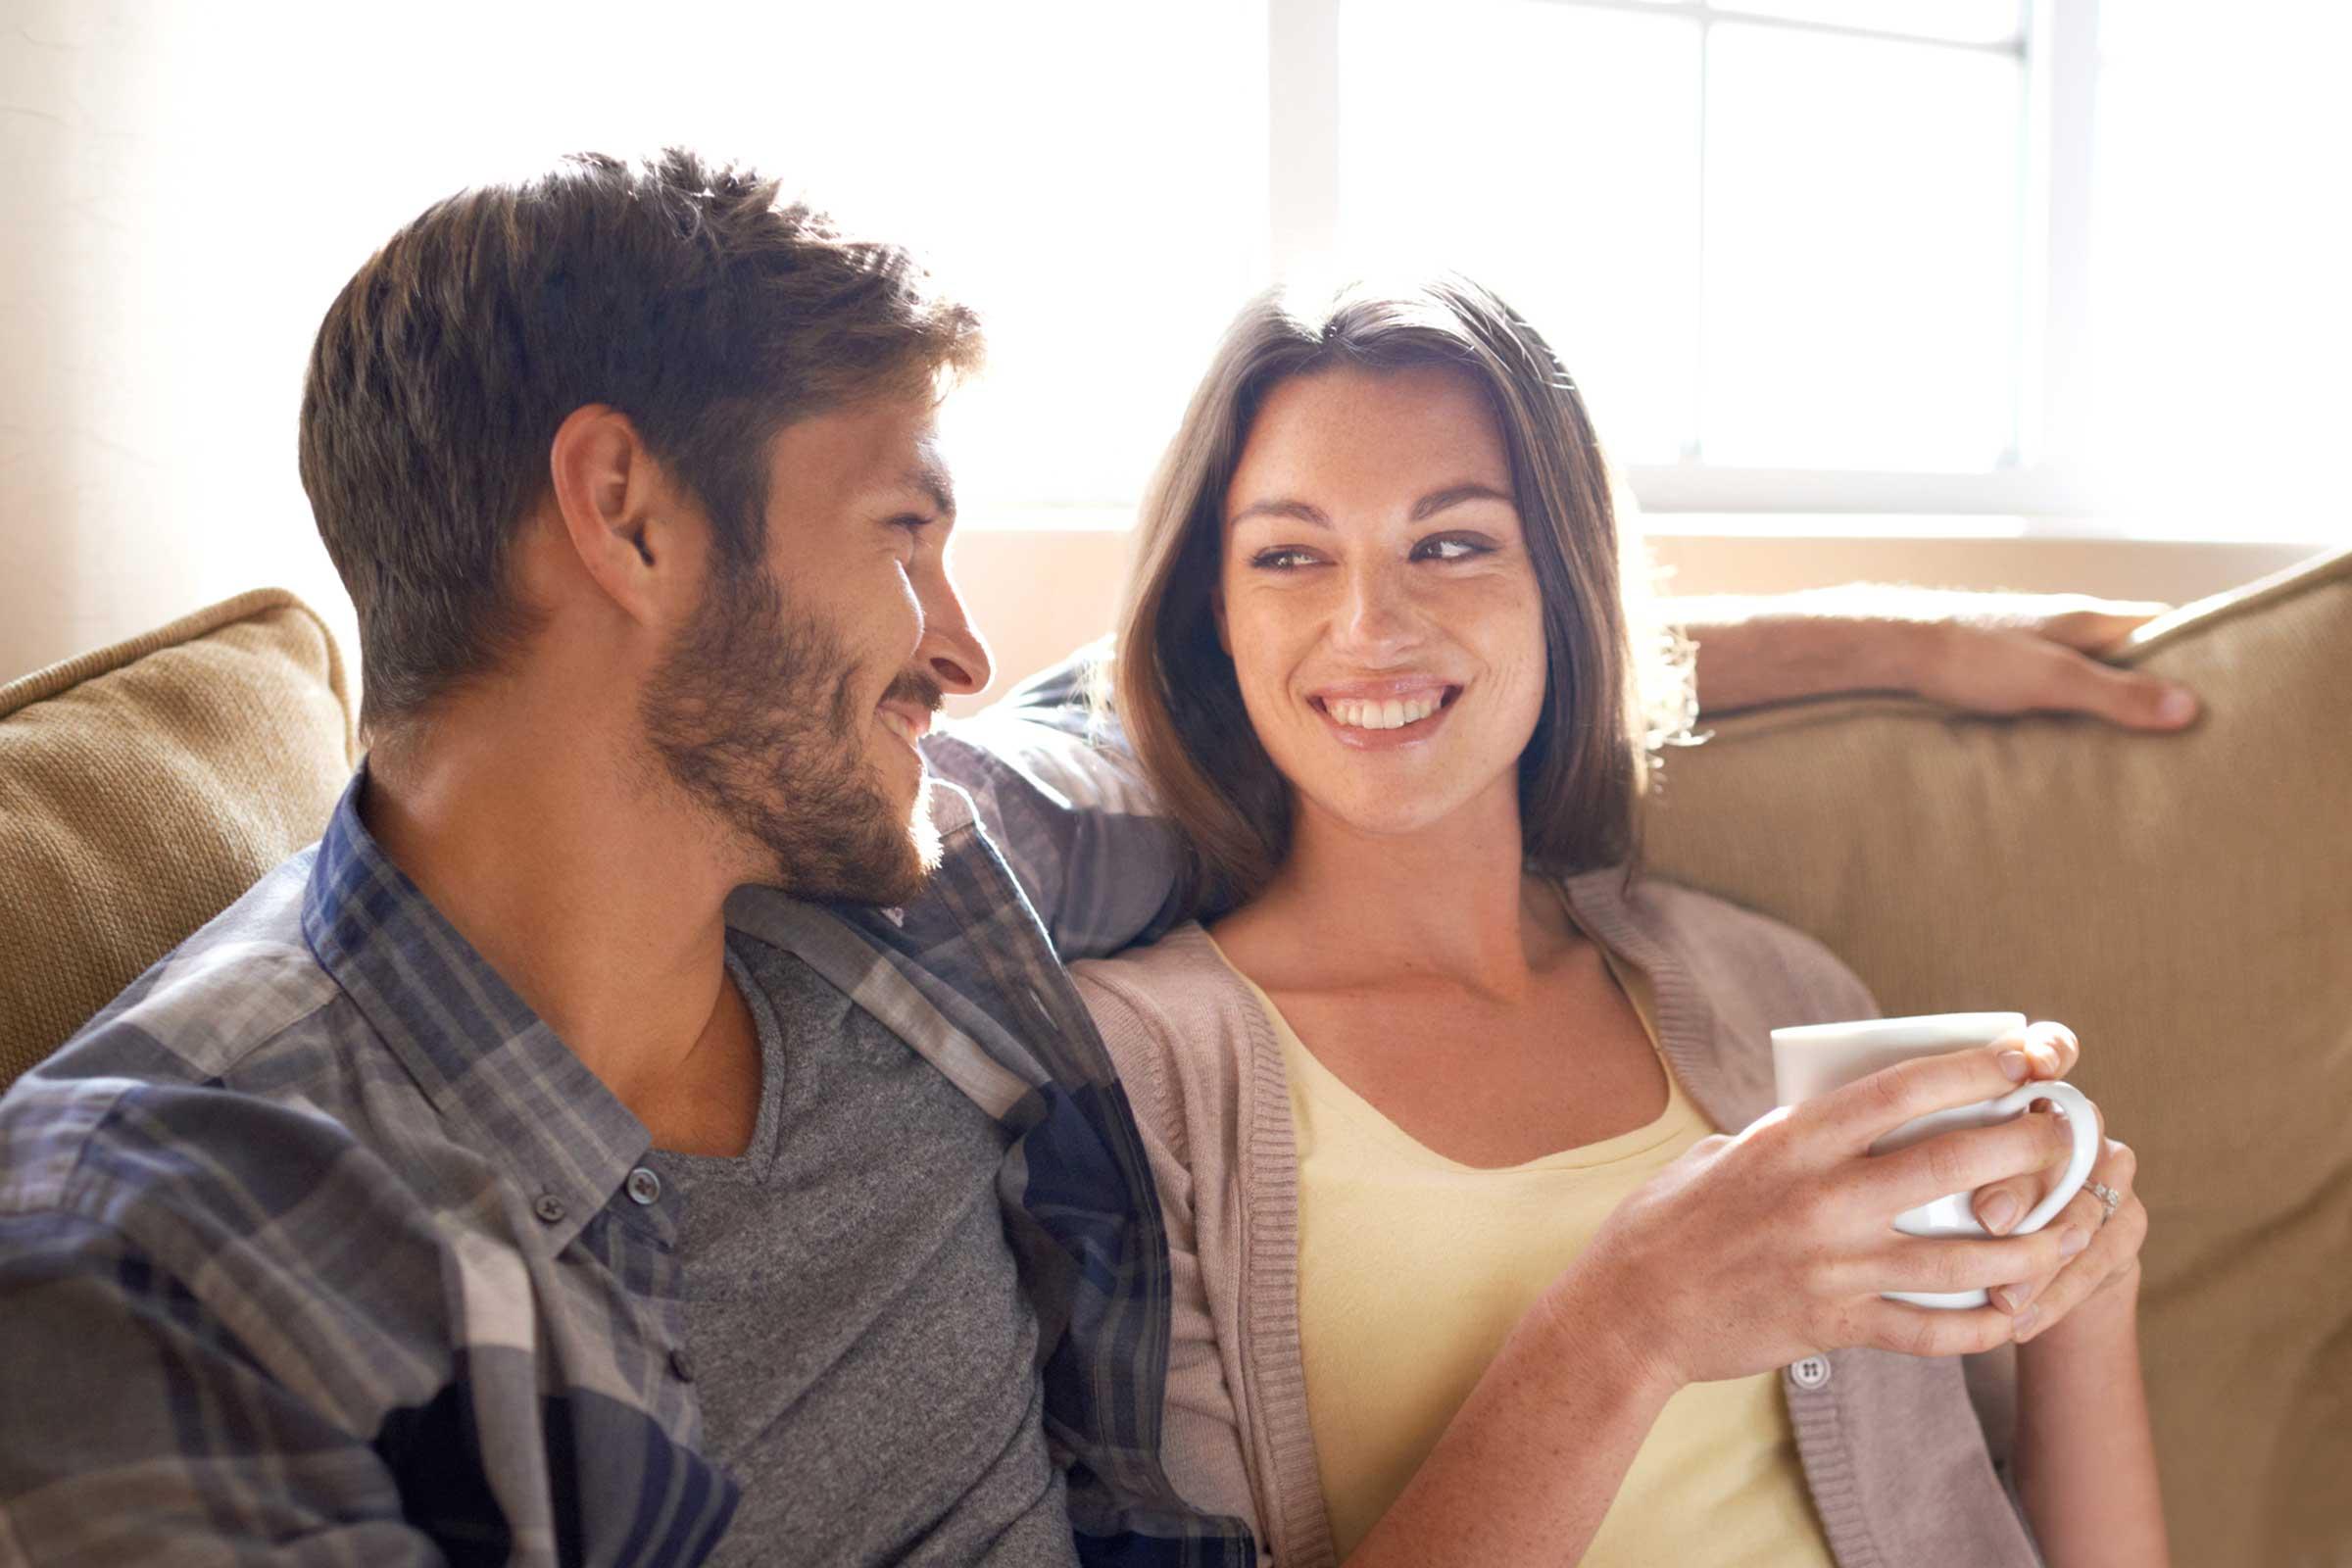 14 женских привычек, которые мужчины обожают